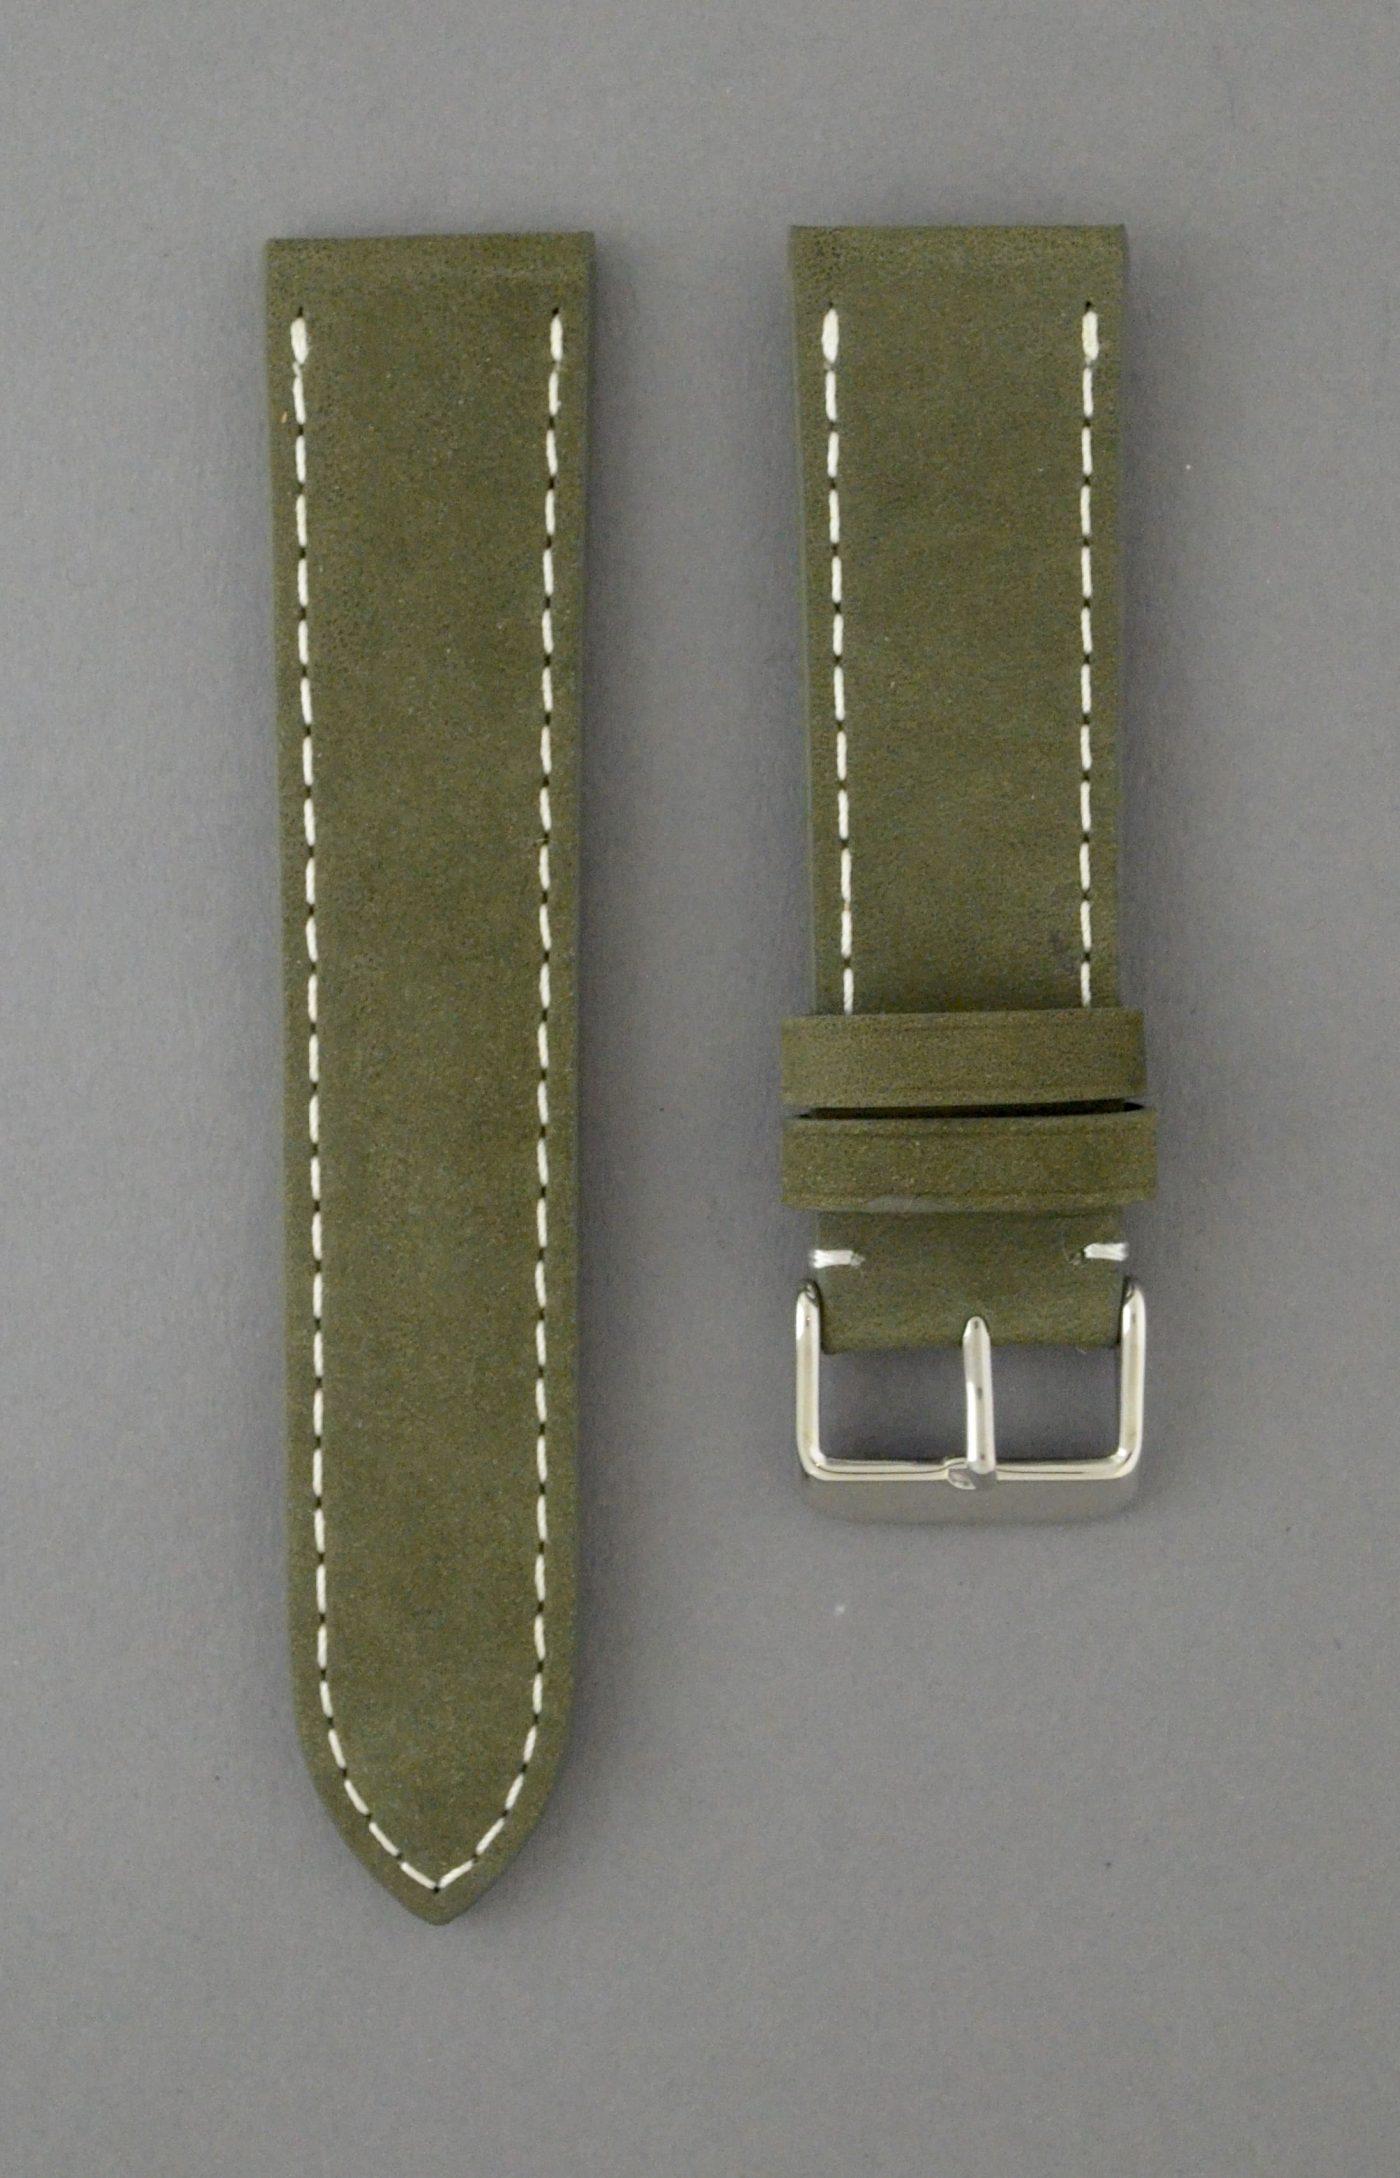 BC3-1 麂皮風格平身牛皮錶帶 - 軍綠色搭白色縫線